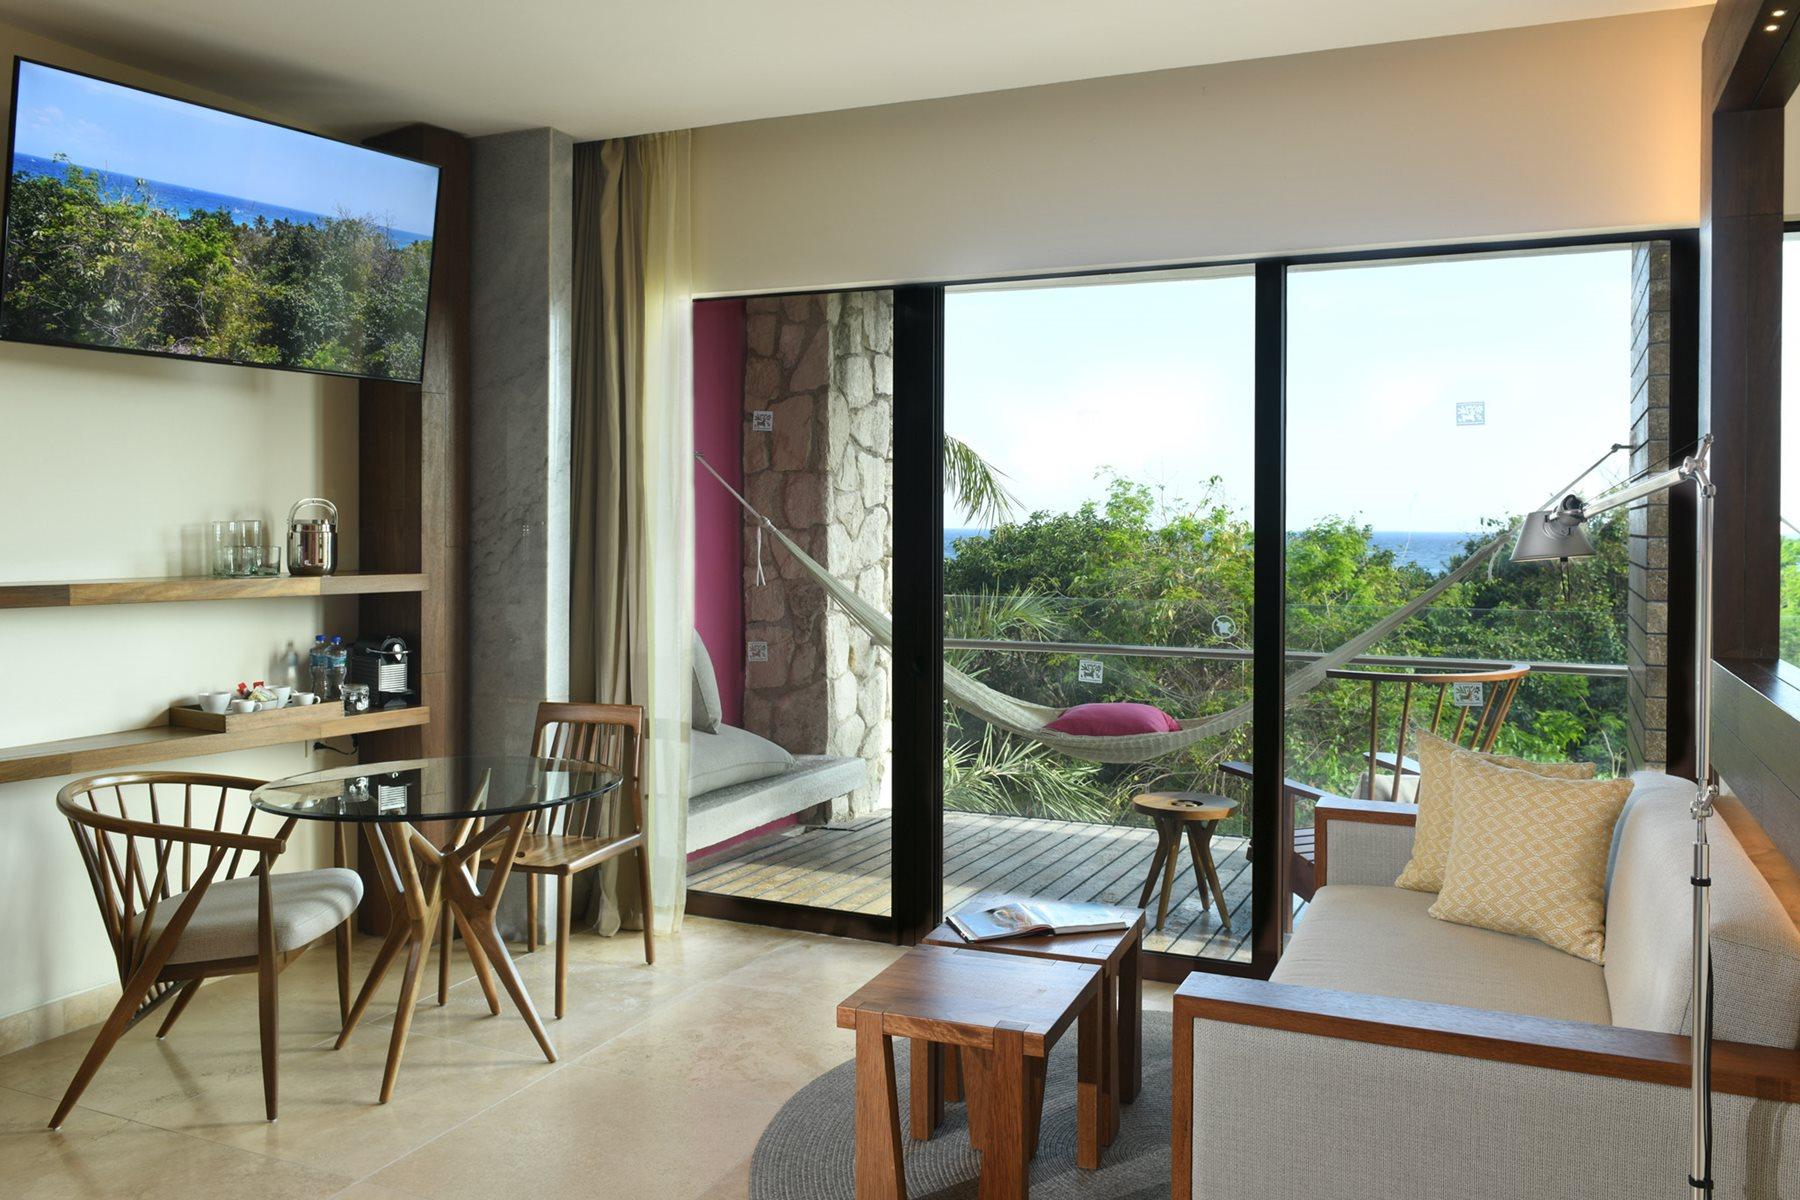 RIV-Hotel-Xcaret-Room-Garden-Suite-001 (1)